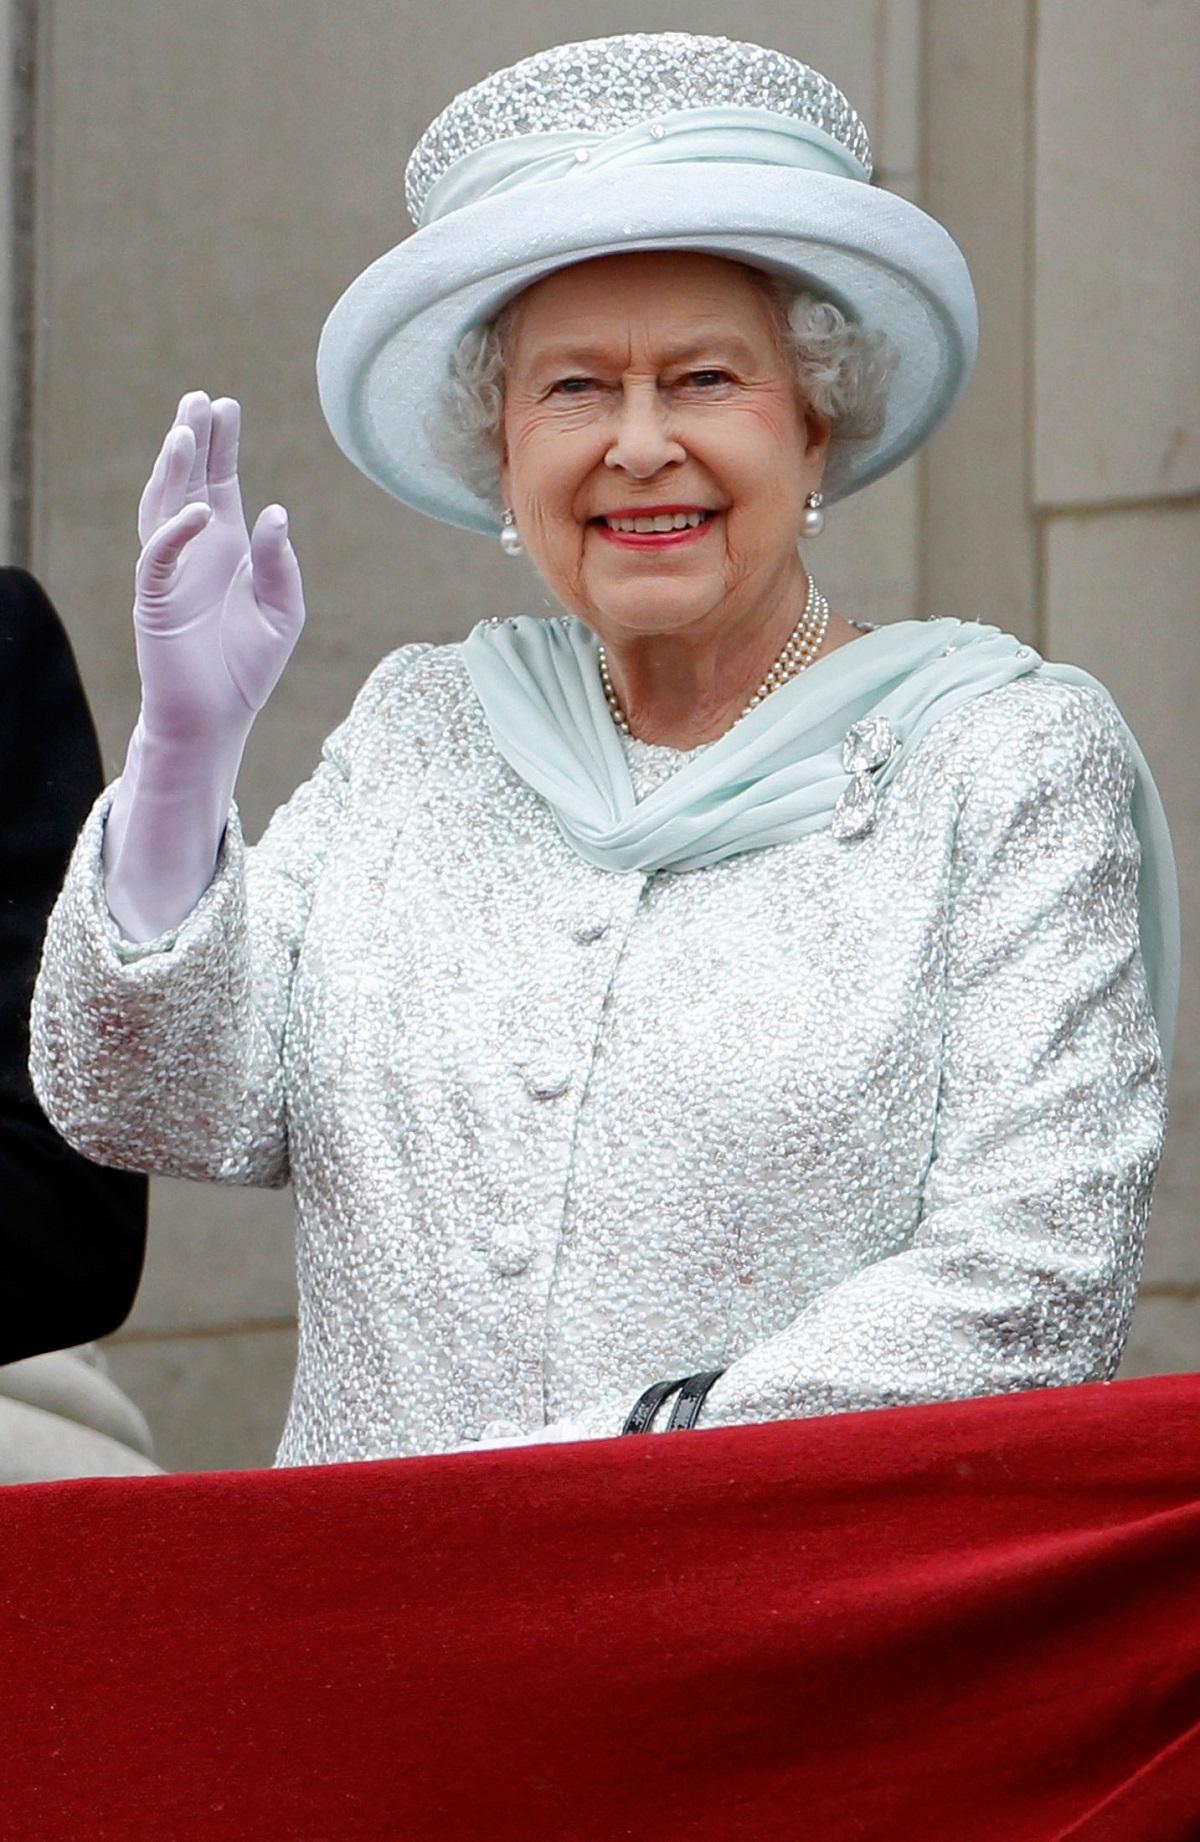 regina Elisabeta curtând pălărie albă și costum alb în timp ce face cu mâna oamenilor, iar în piept poartă diamantele Cullian